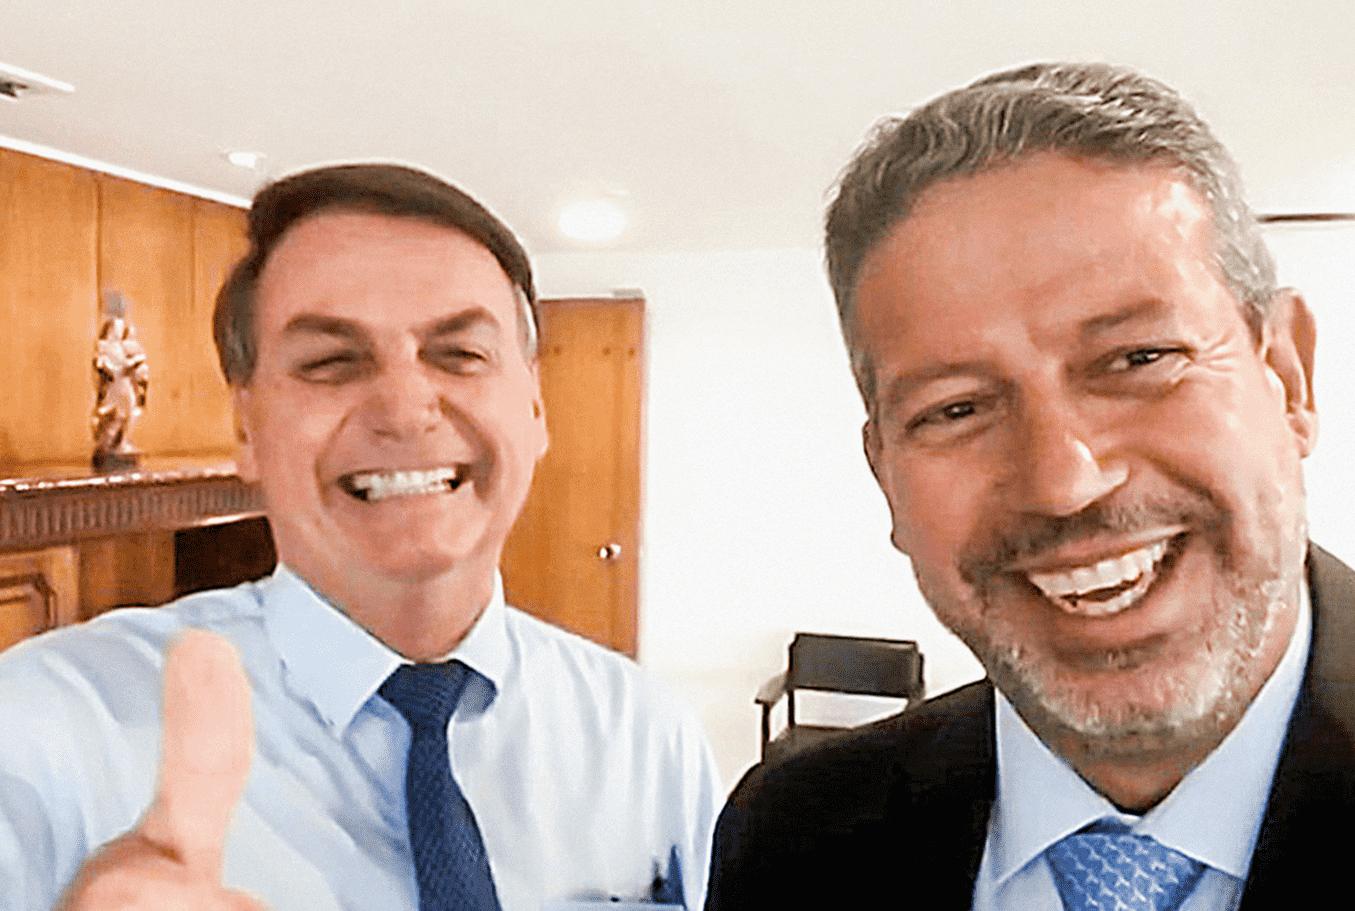 Foto mostra Jair Bolsonaro tirando uma selfie ao lado do deputado Arthur Lira.